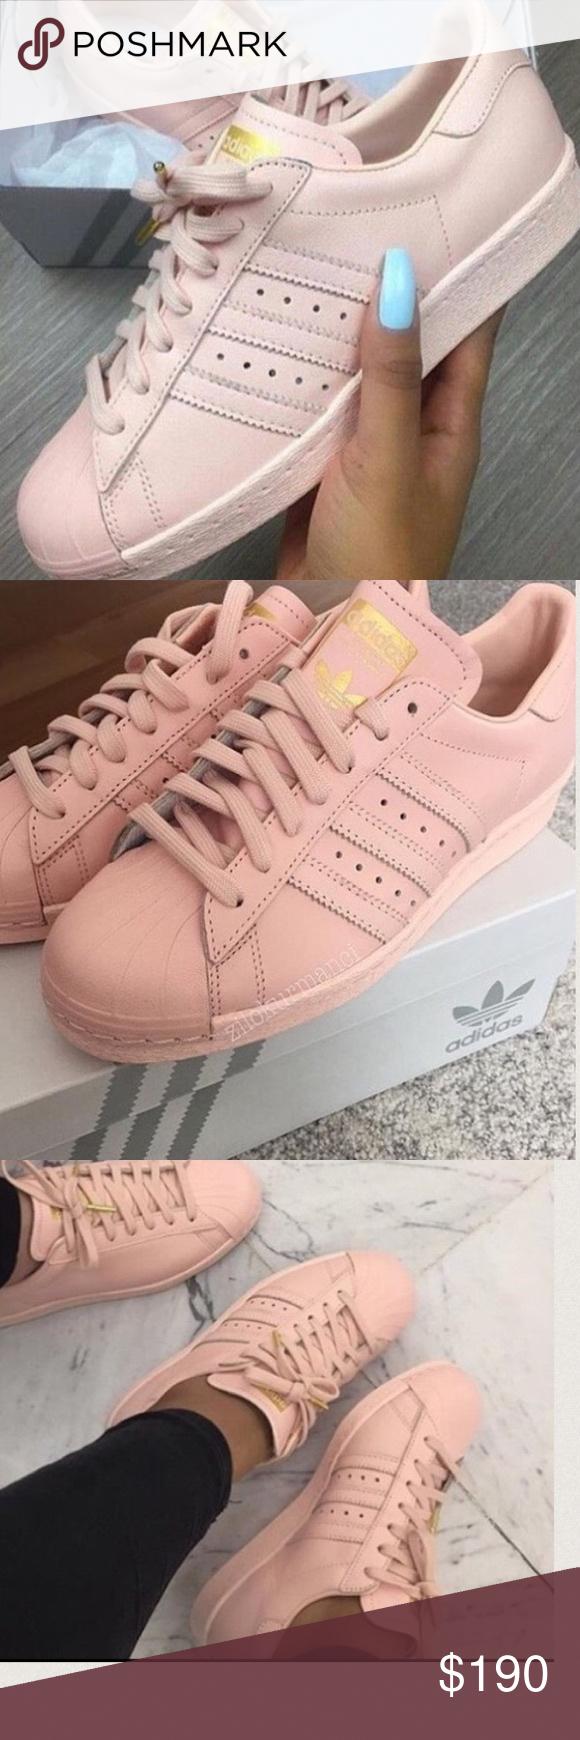 adidasshoes$29 on   Rose gold adidas, Adidas shoes women